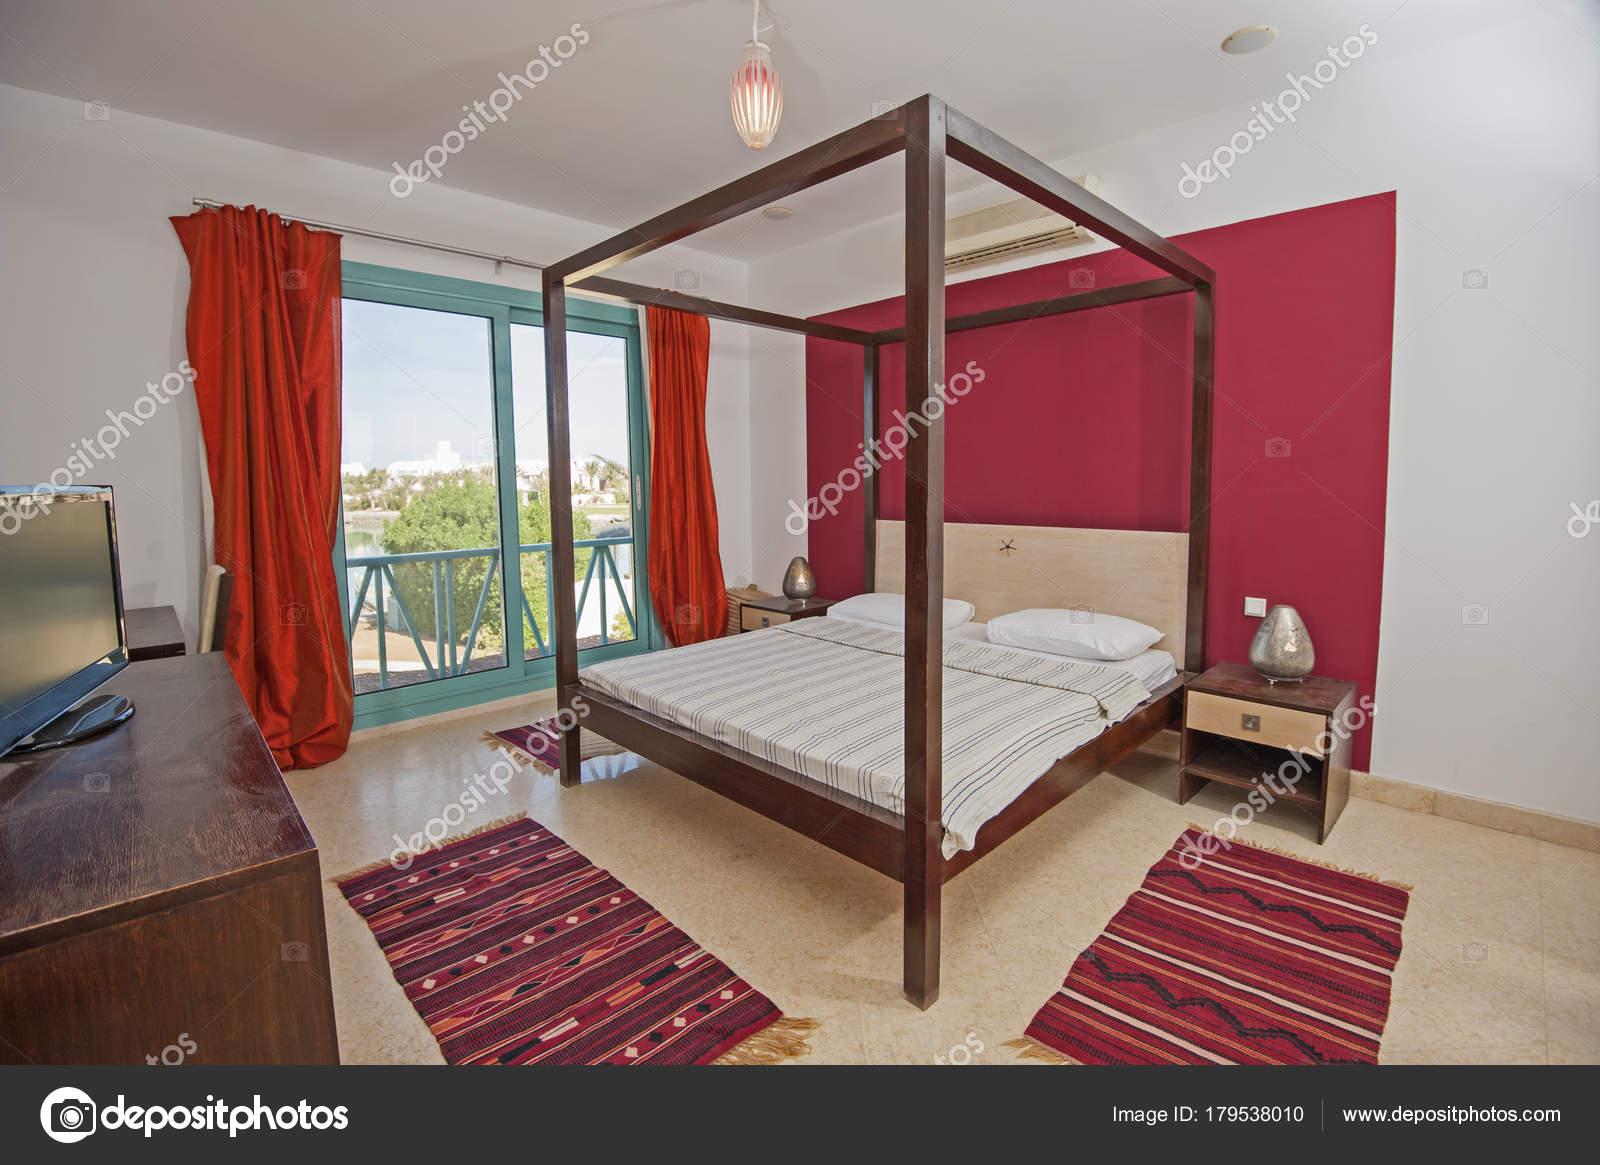 Inneneinrichtung der Zimmer im Haus — Stockfoto © paulvinten #179538010